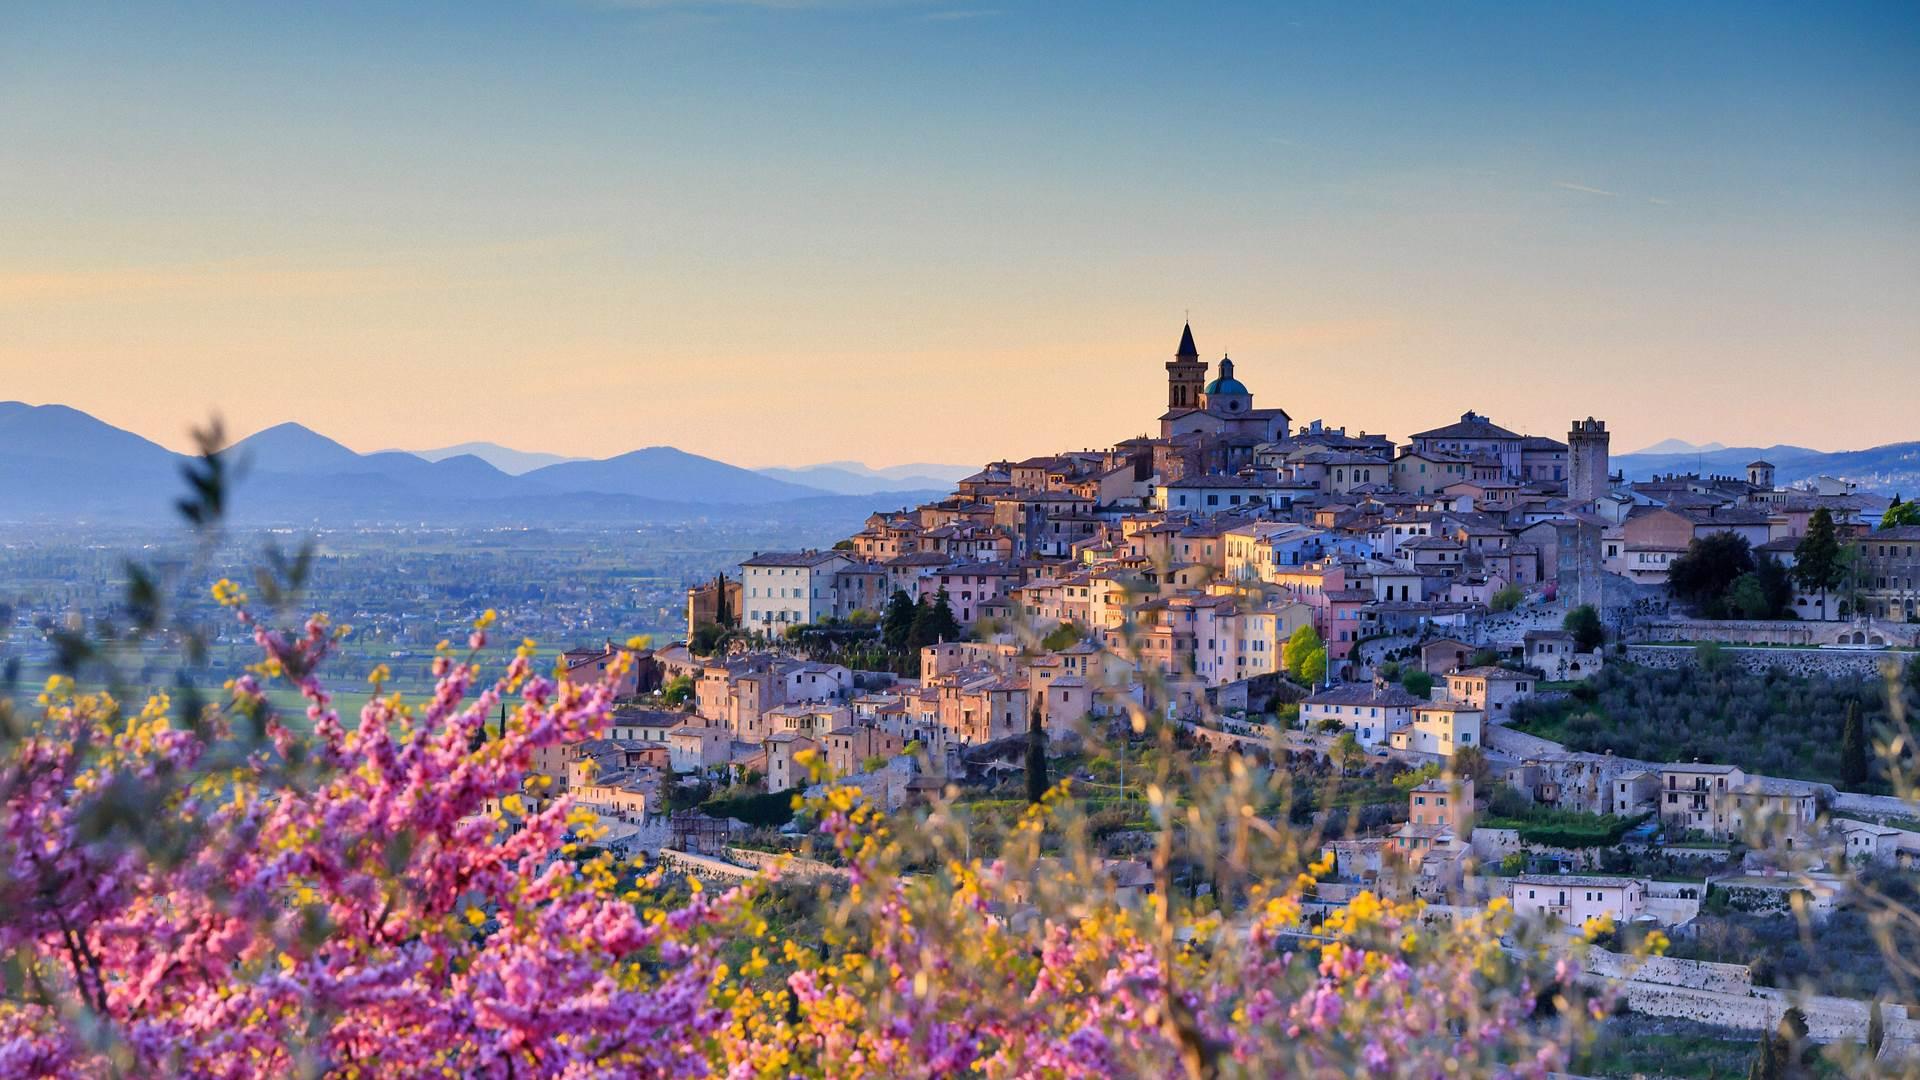 俯瞰着特雷维的扁桃花,意大利佩鲁贾